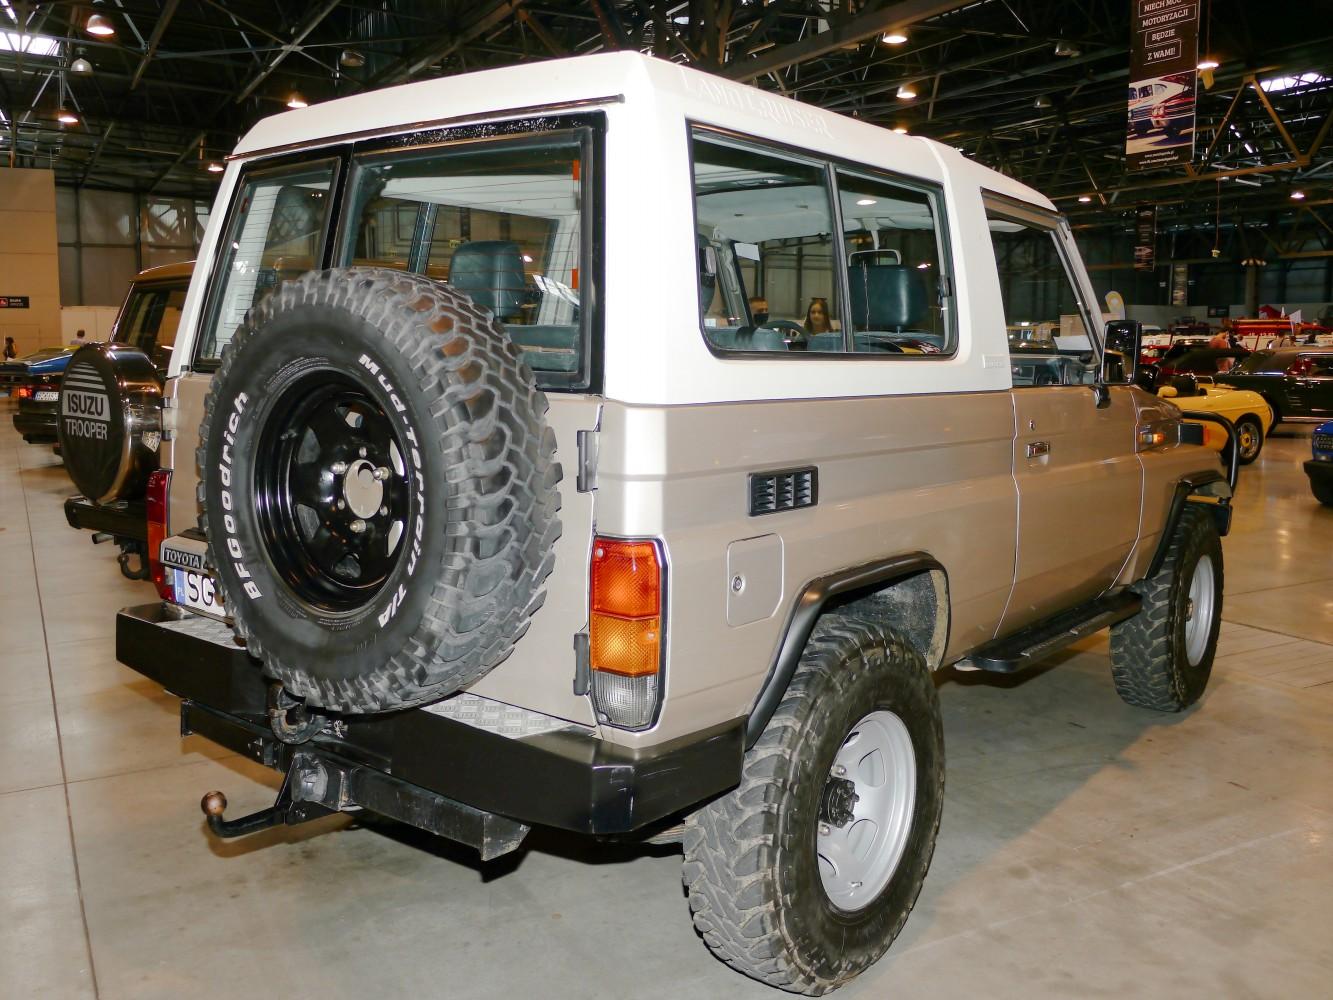 Kliknij obrazek, aby uzyskać większą wersję  Nazwa:Toyota Land Cruiser (2).jpg Wyświetleń:48 Rozmiar:323,1 KB ID:232734